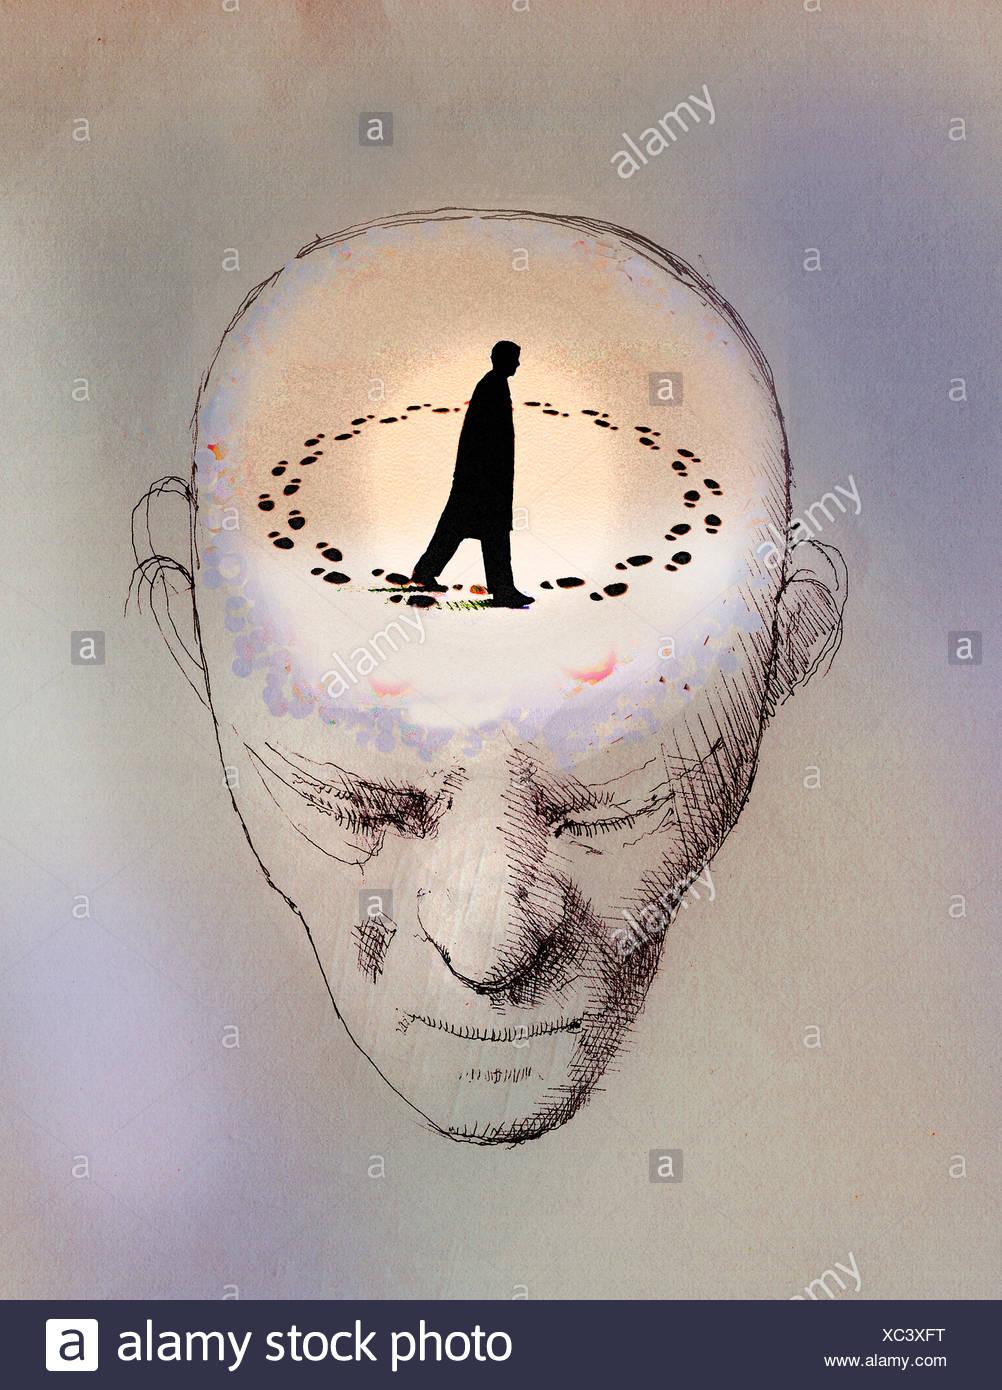 L'homme anxieux en rond à l'intérieur de la tête Photo Stock